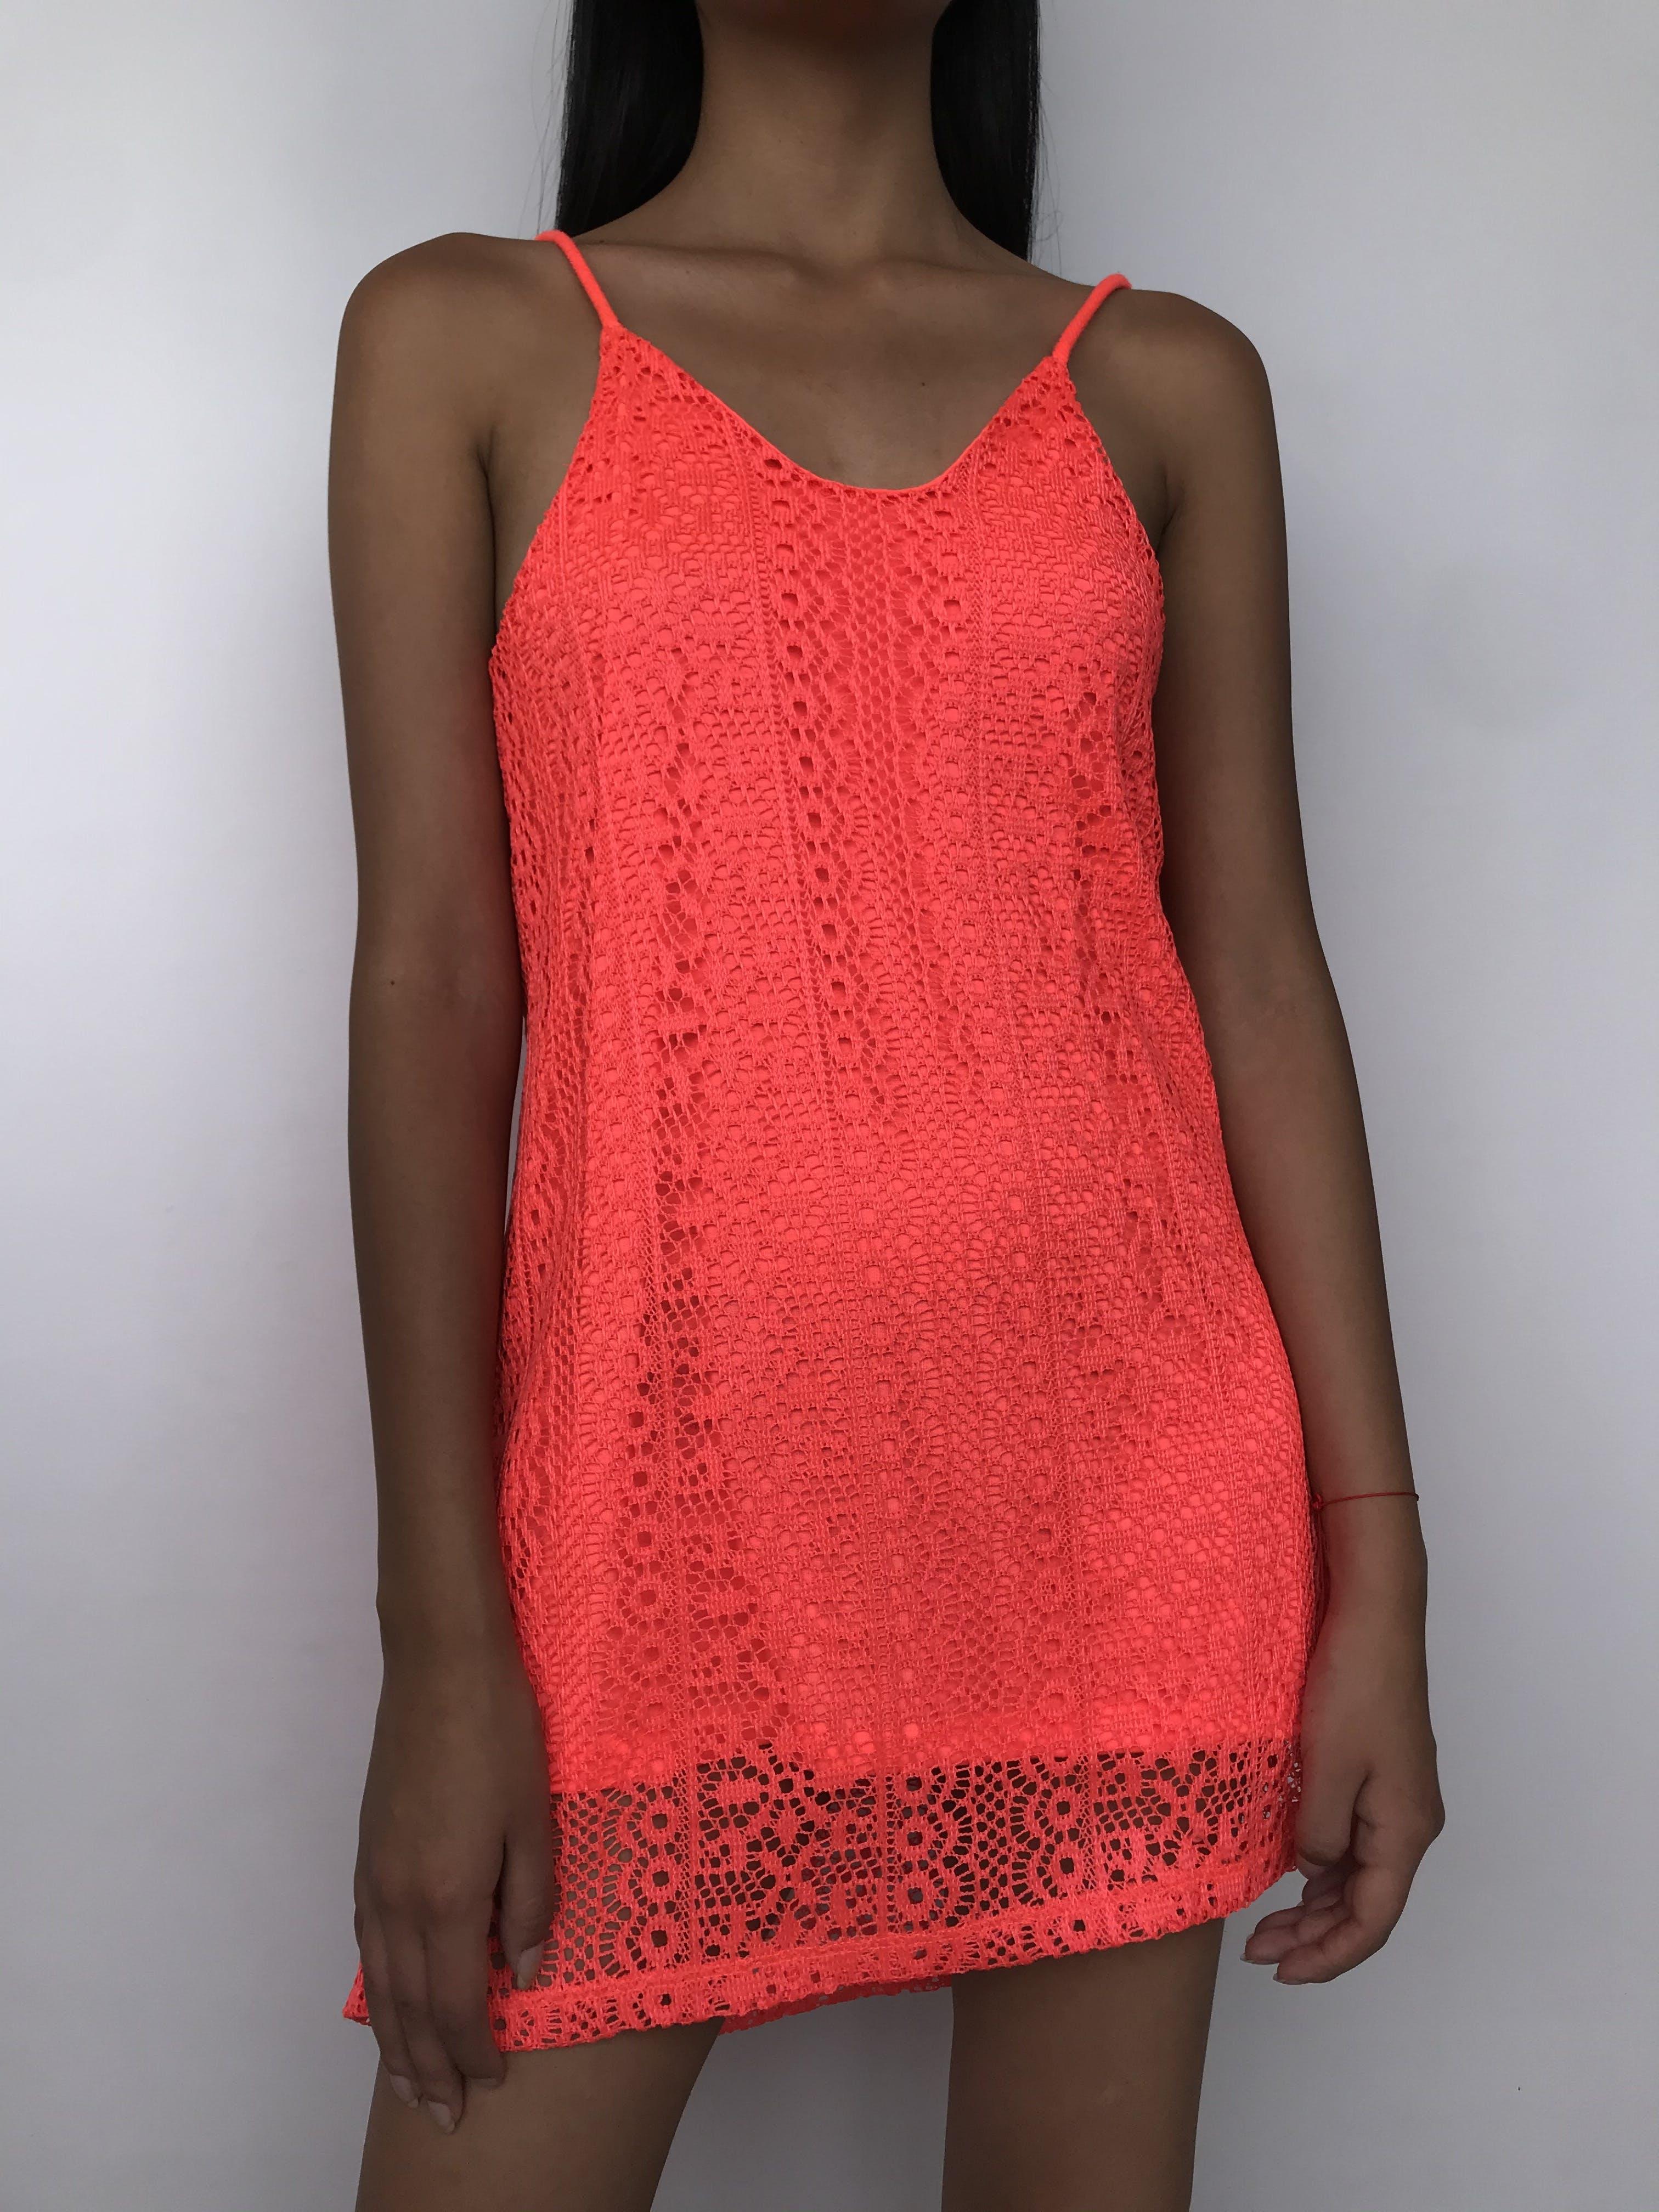 Vestido playero de encaje anaranjado neón con tiras para amarrar y es forrado  Talla S